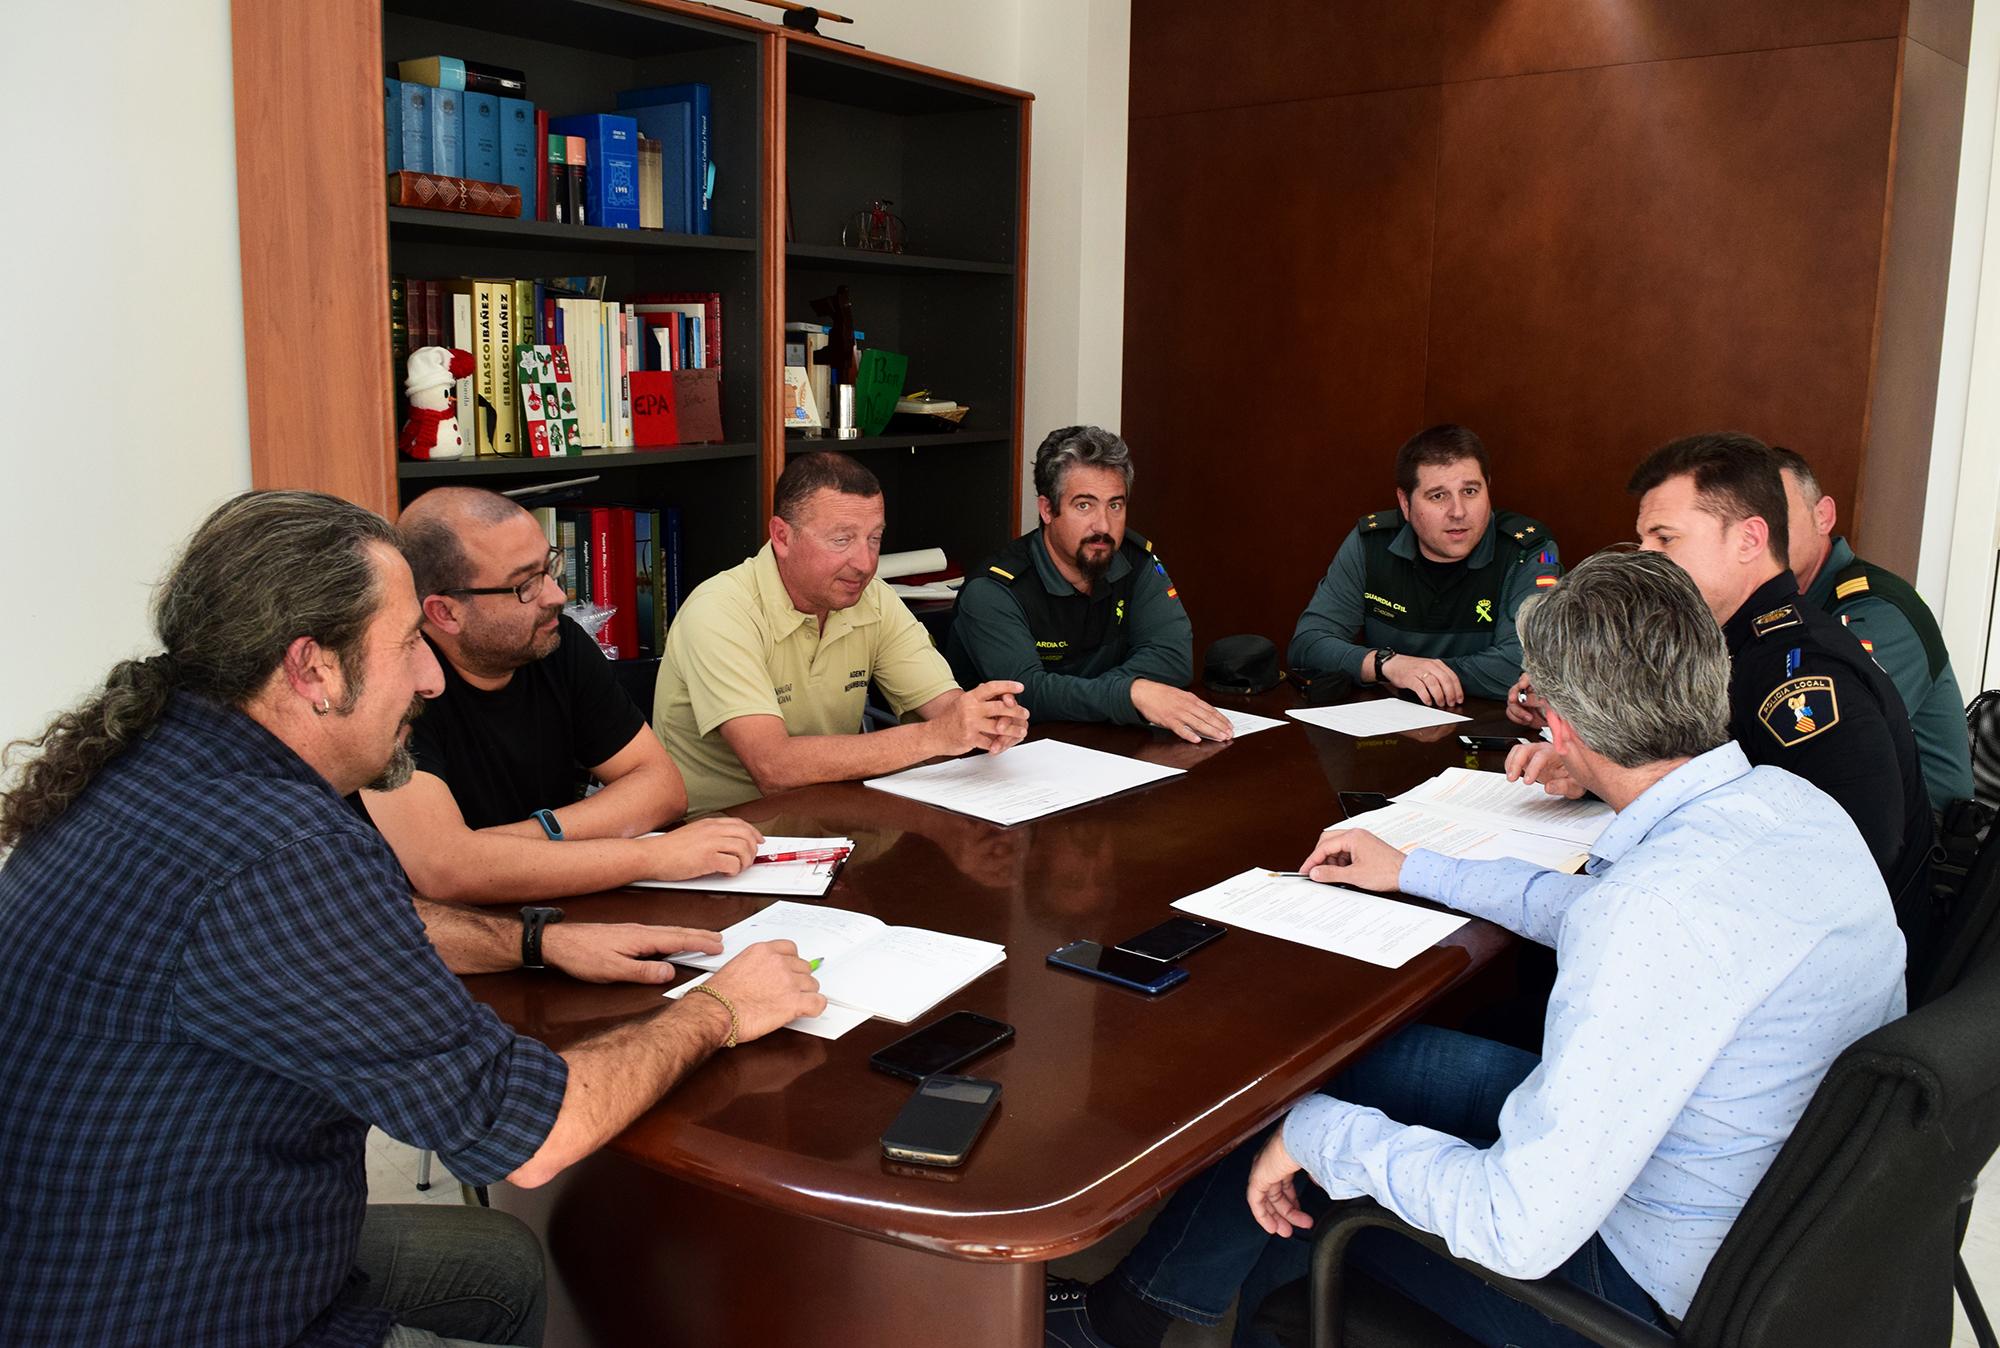 Va tindre lloc ahir amb representants municipals i de les Forces i Cossos de Seguretat de l'Estat.